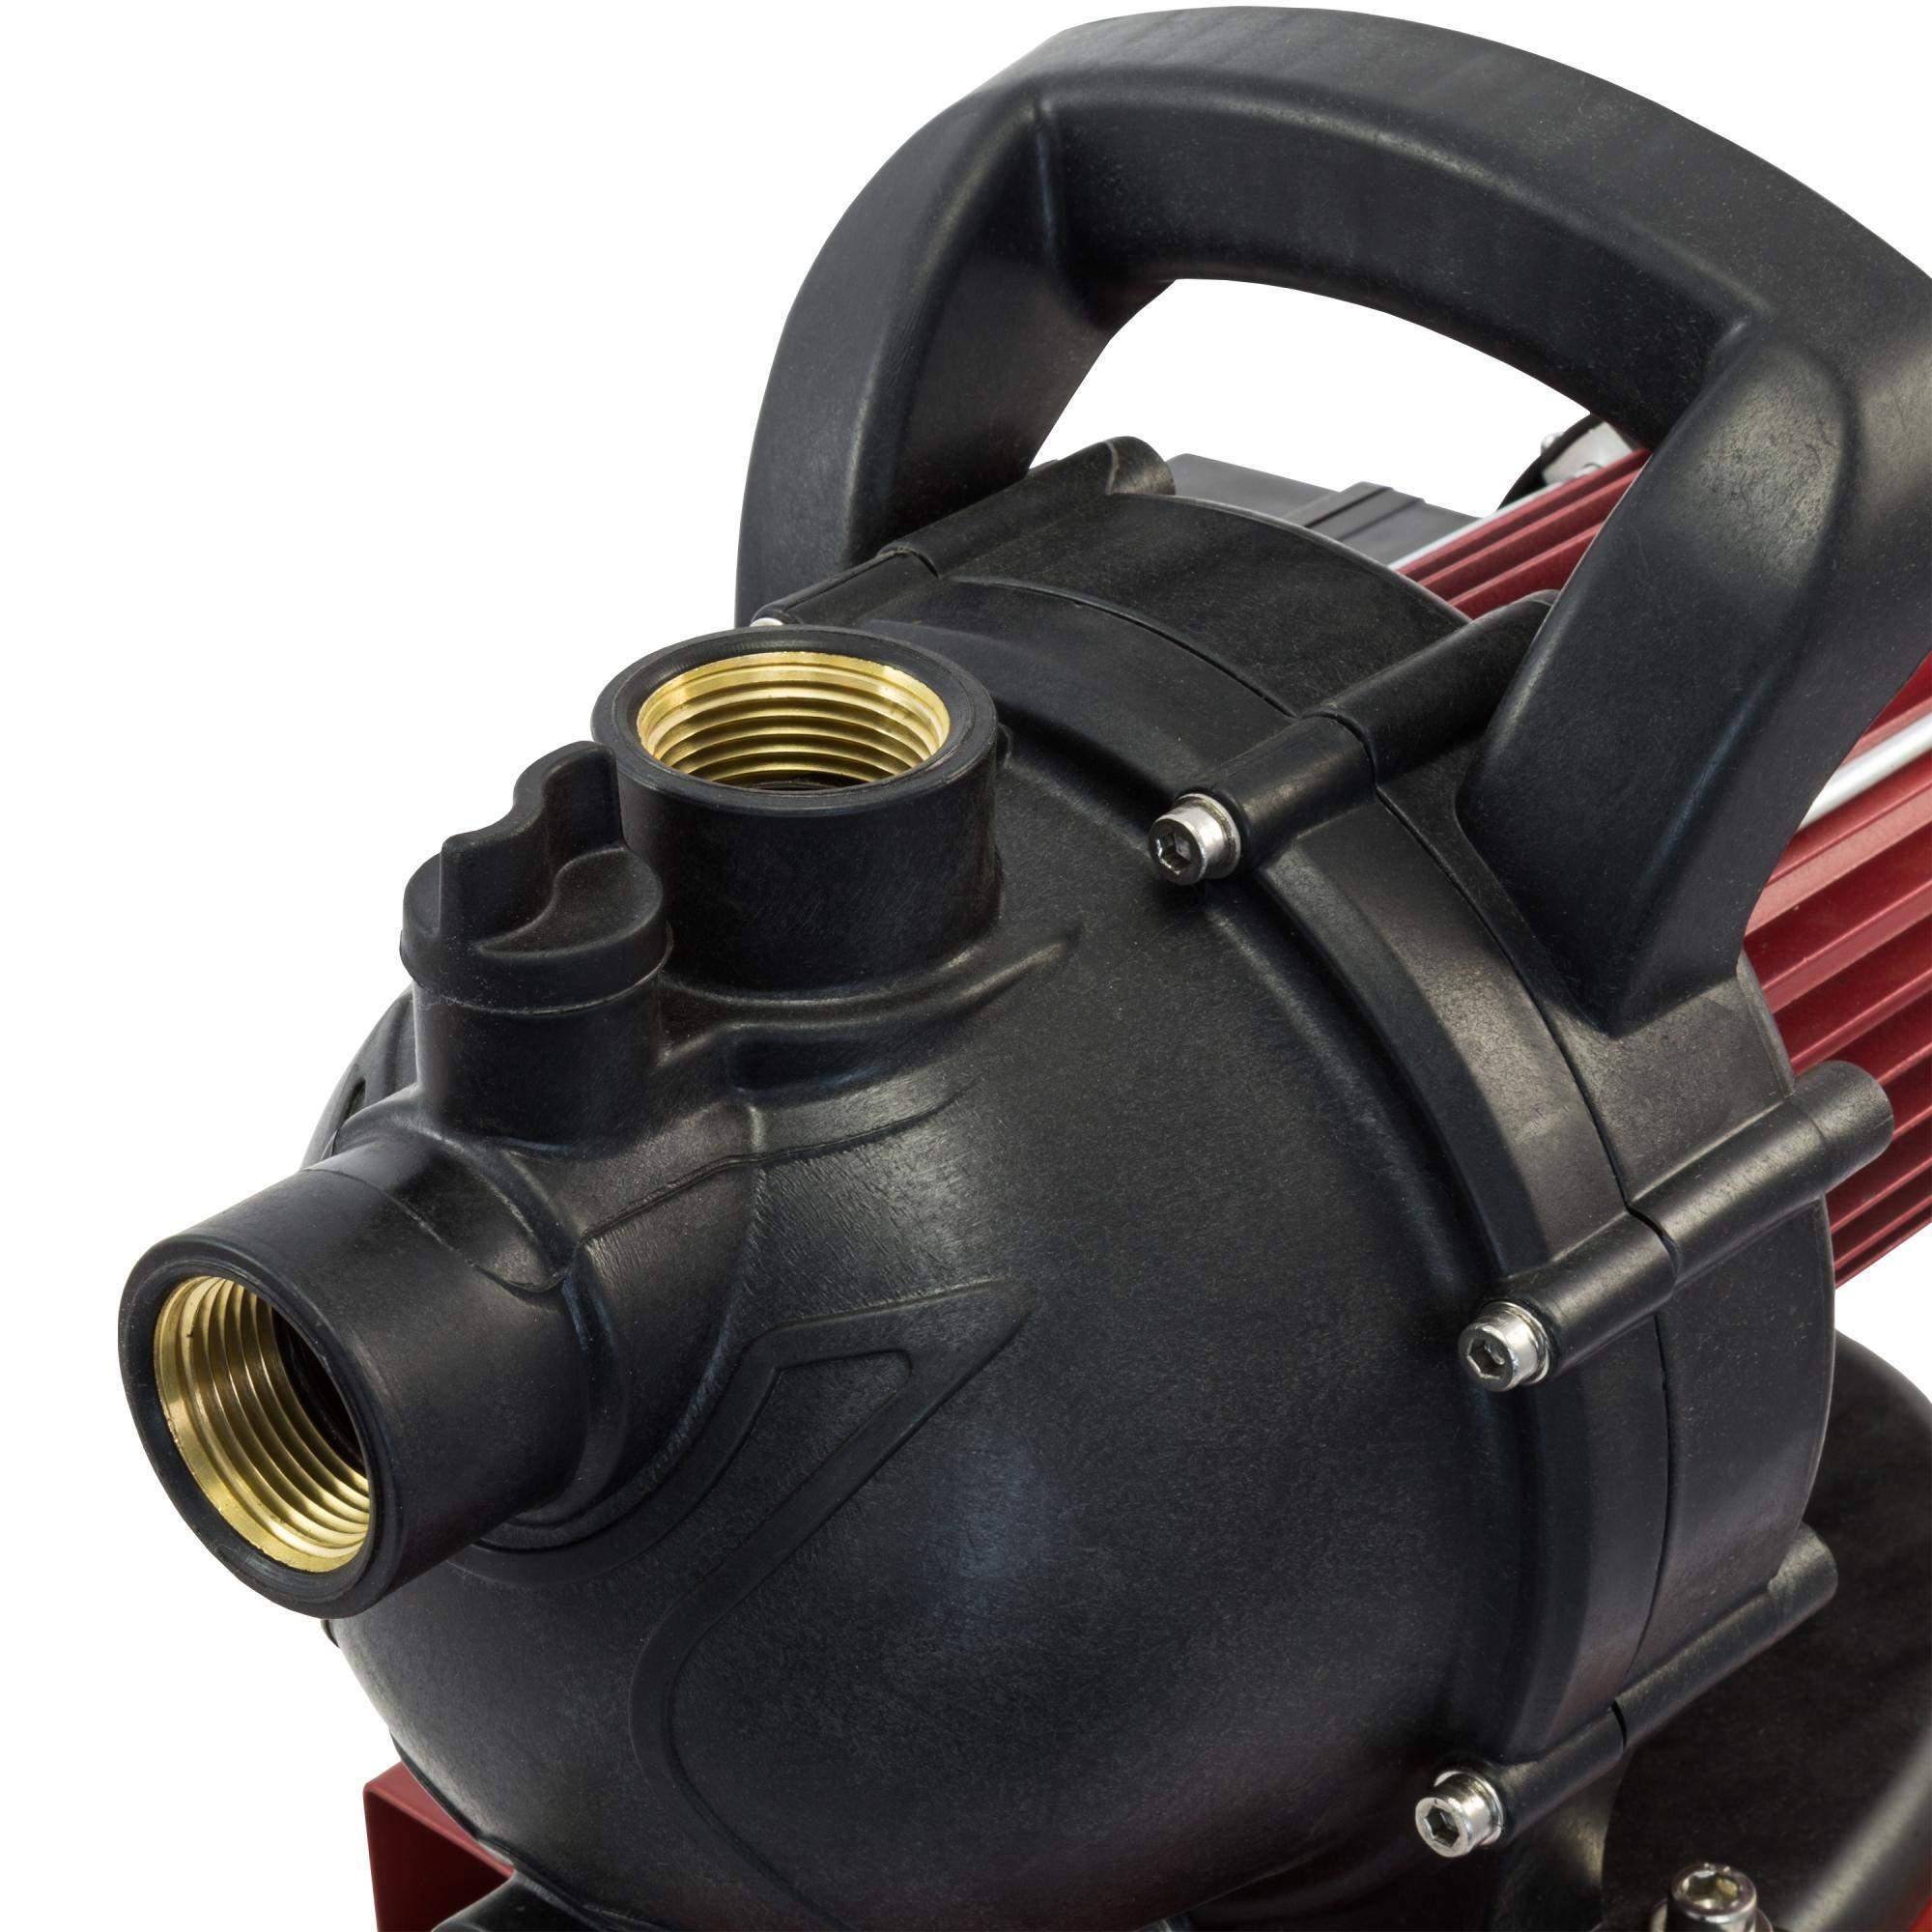 garten pumpen inspirierend berlan hauswasserwerk 1000 watt 3 500 l h bhw1000 of garten pumpen